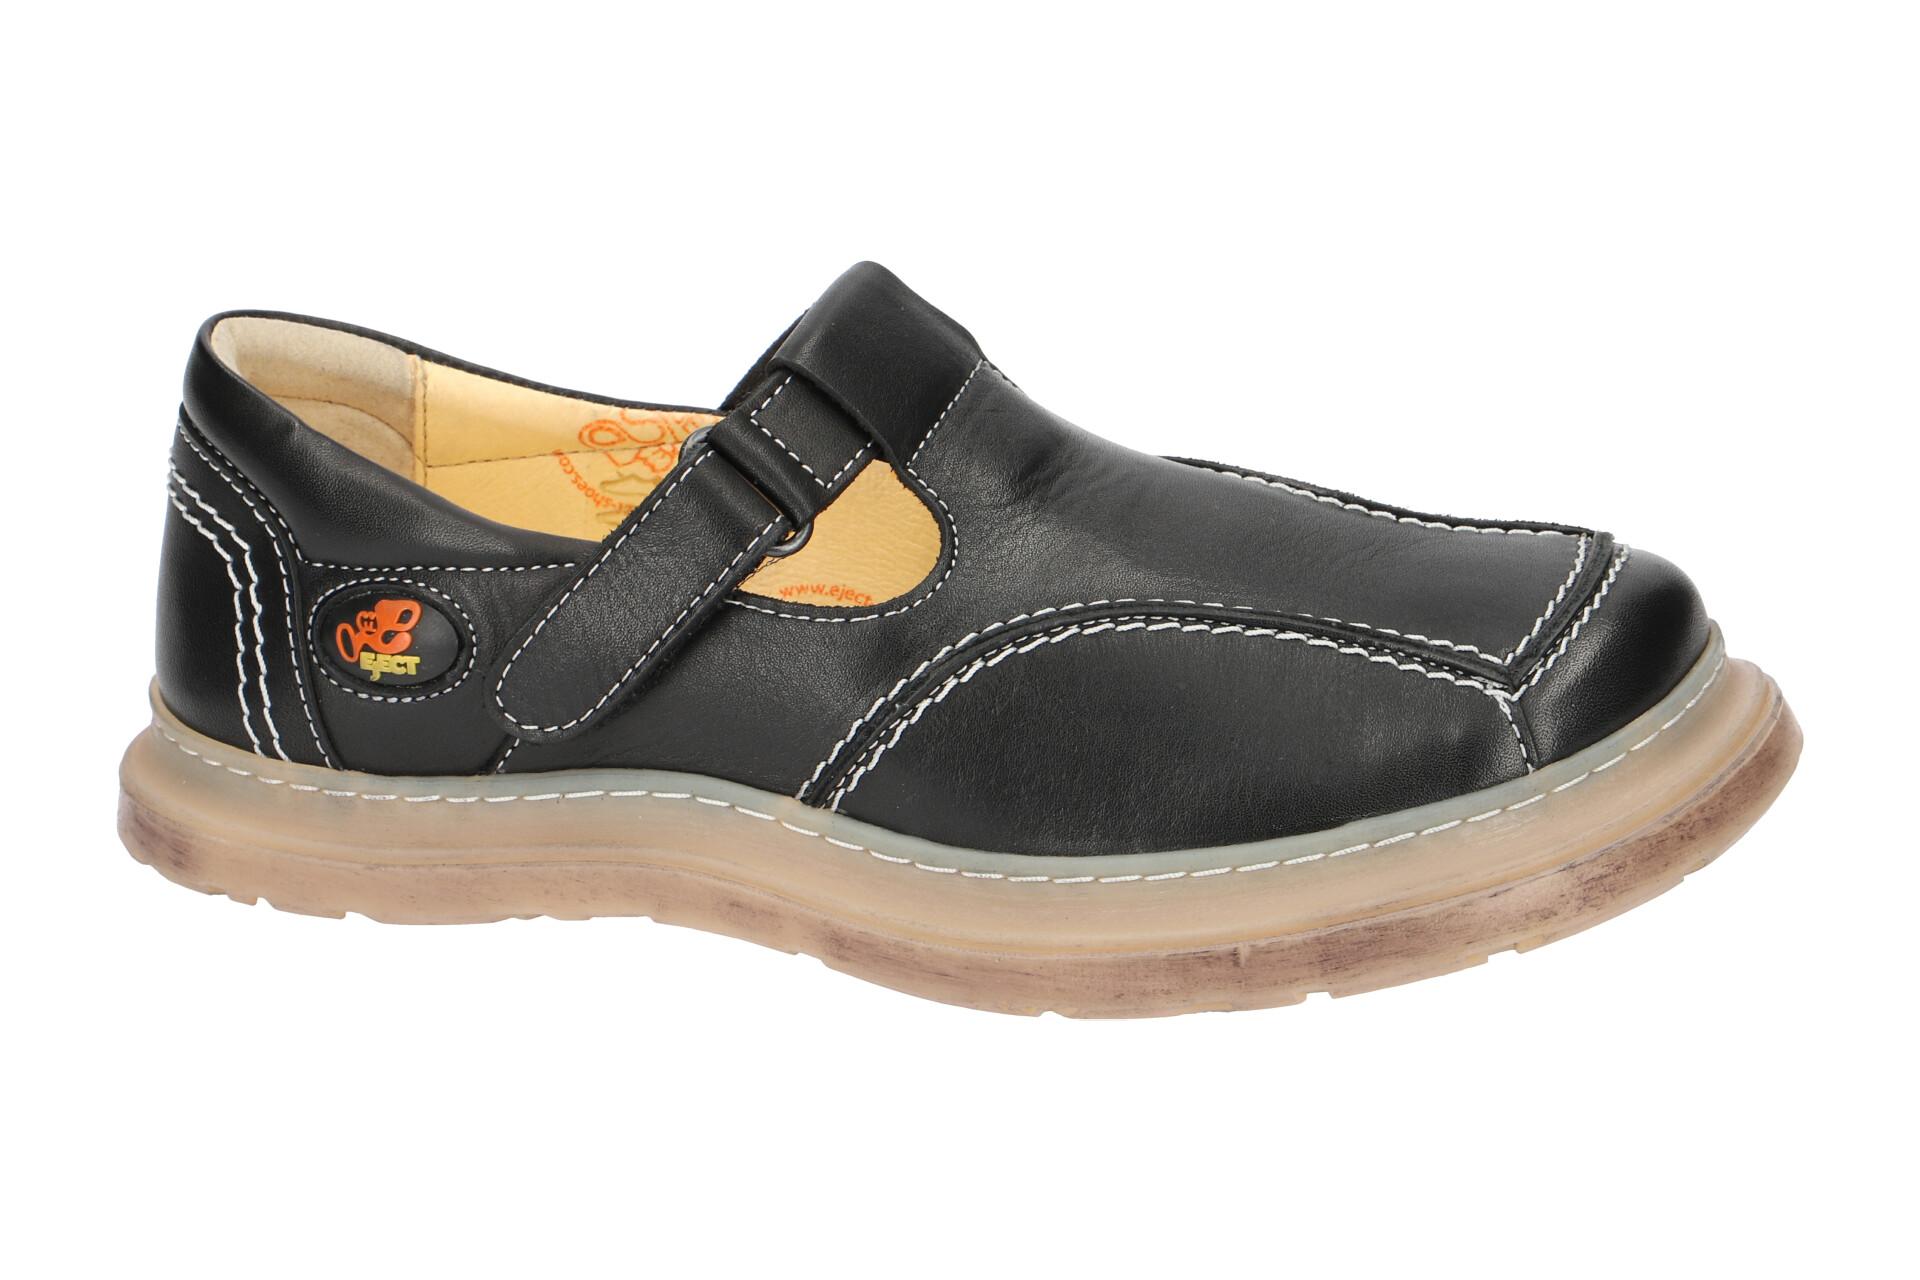 b673604401b29f Eject Schuhe SONY2 schwarz Damenschuhe bequeme Slipper 7573.002 NEU ...